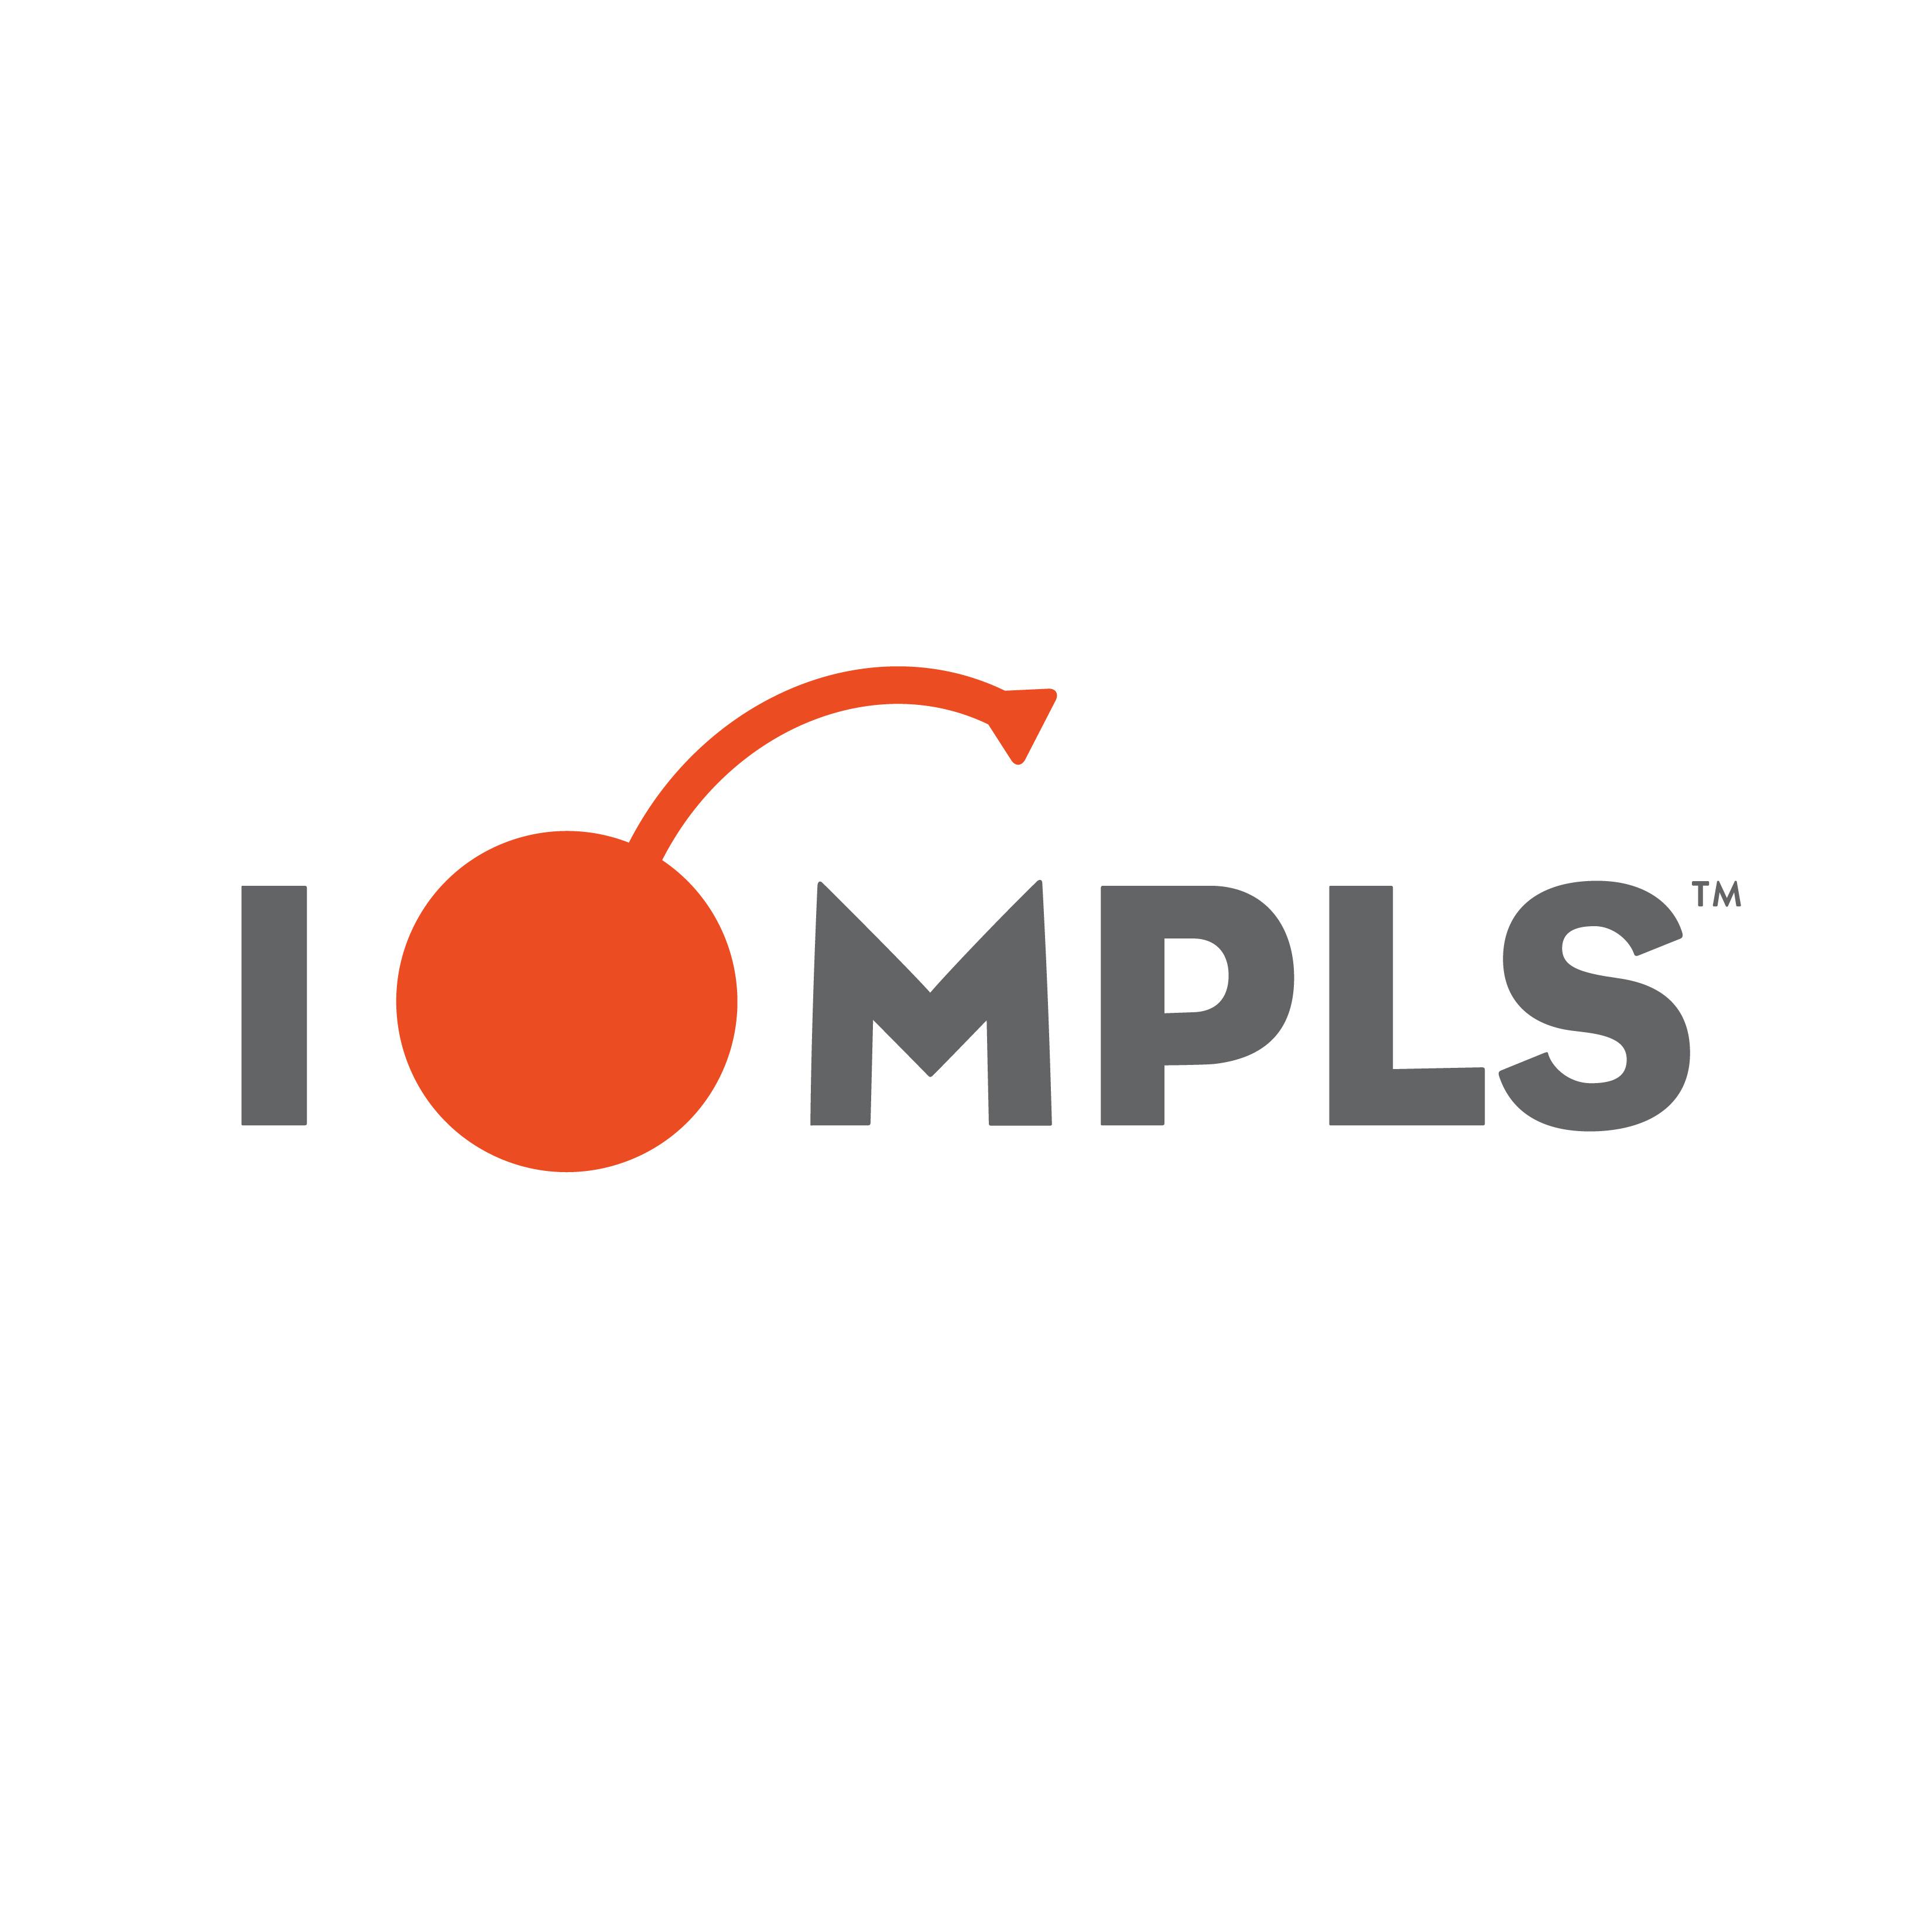 I Cherry MPLS™